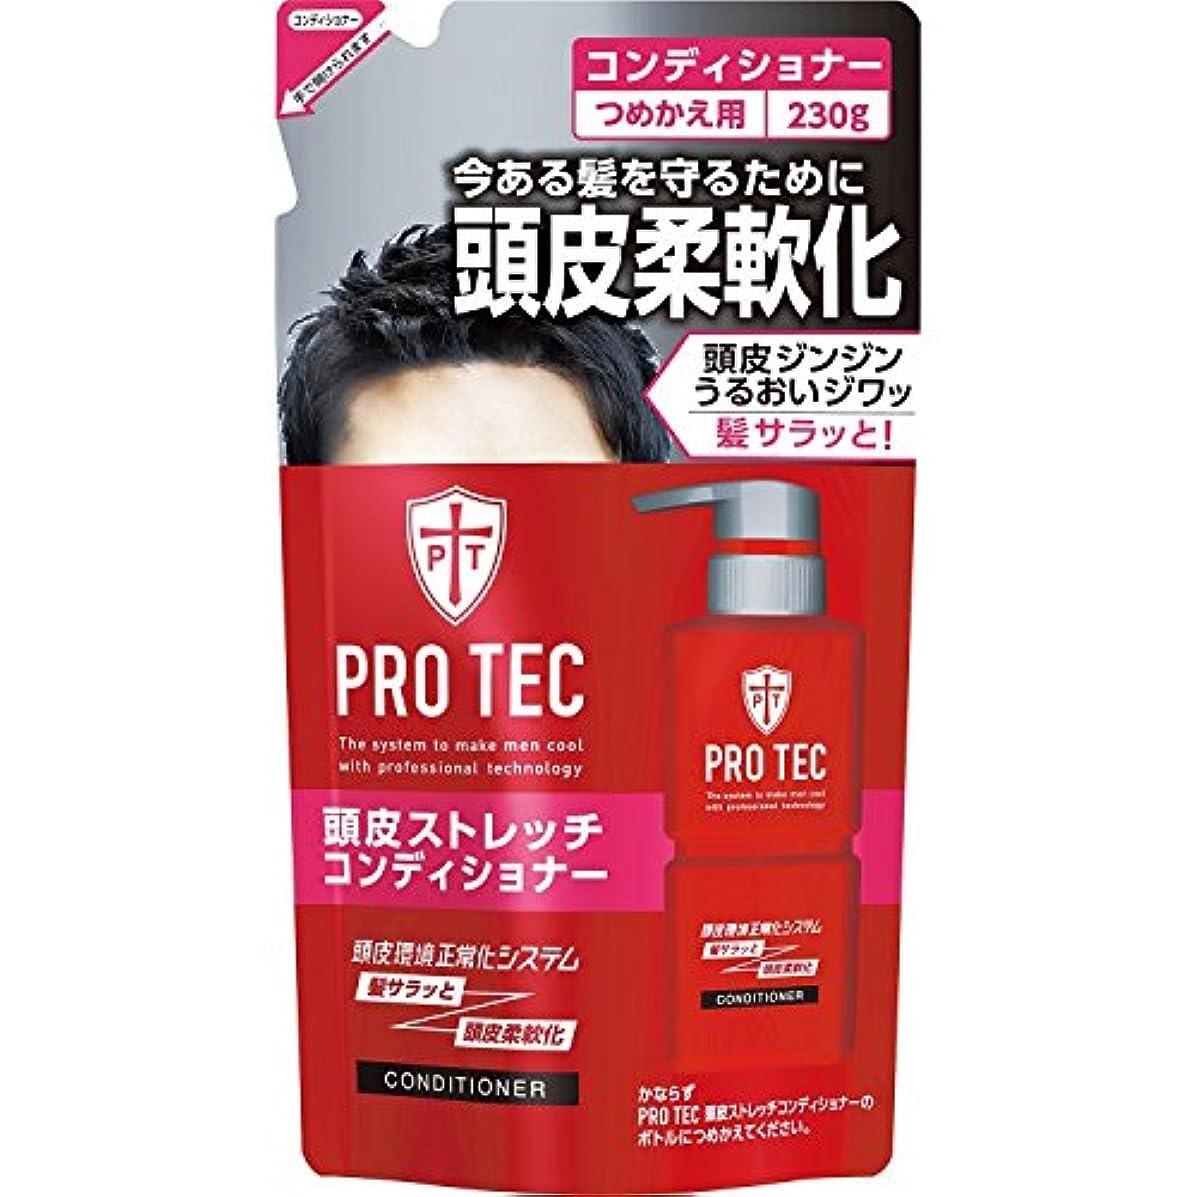 夜の動物園調和ブリークPRO TEC(プロテク) 頭皮ストレッチコンディショナー つめかえ用 230g ×20個セット